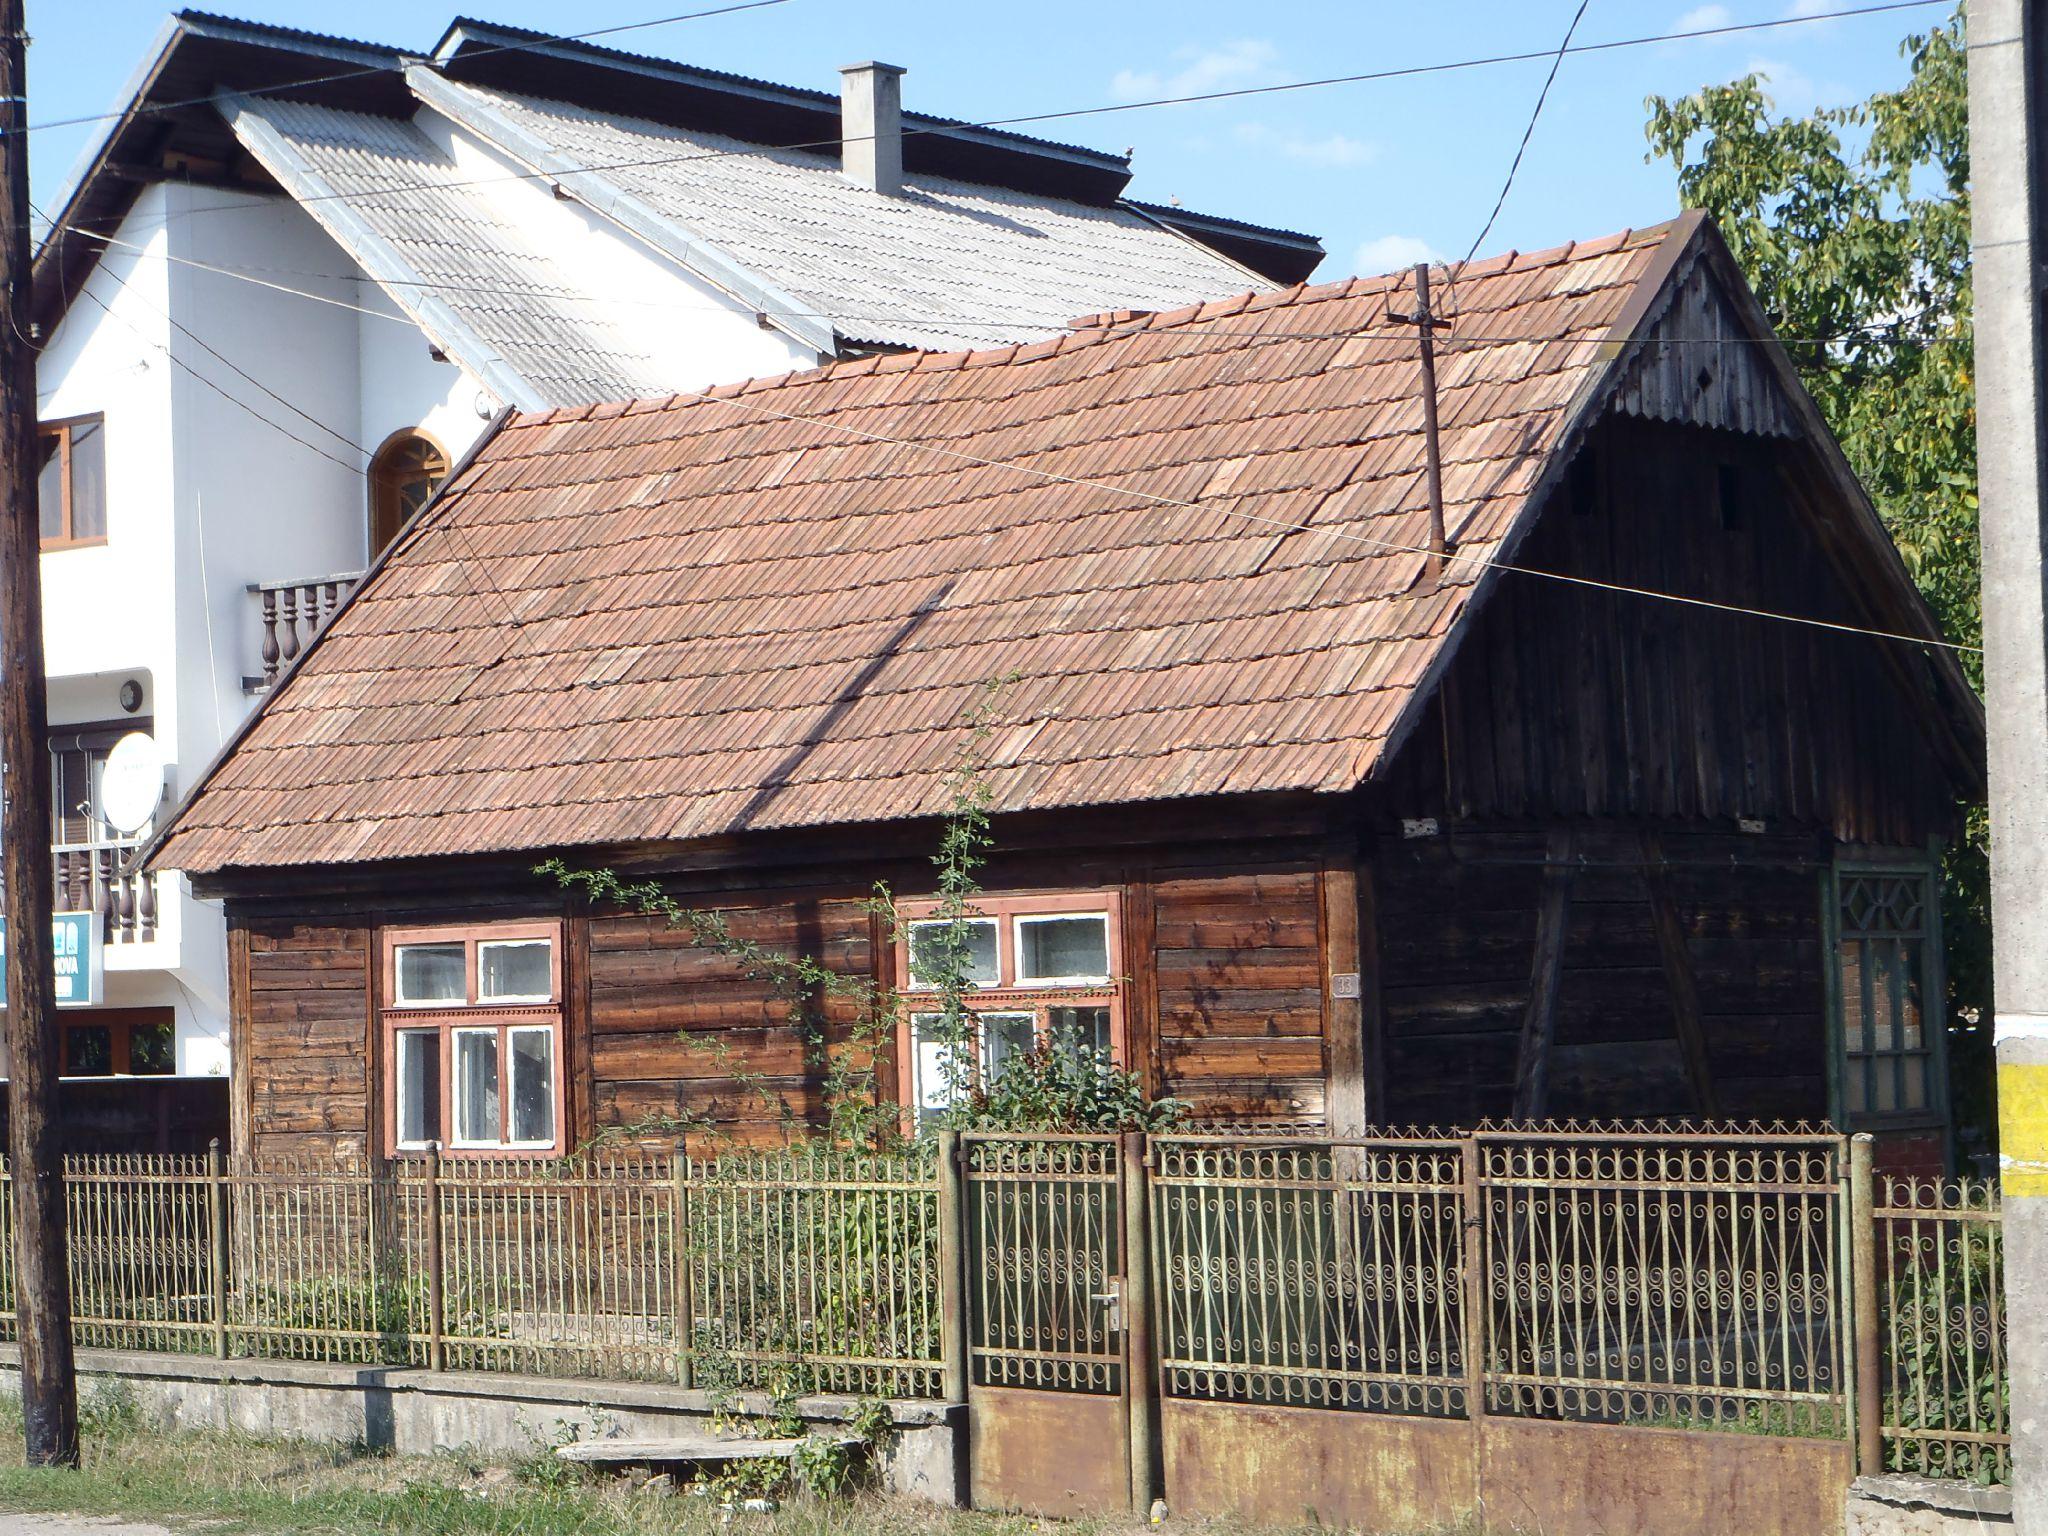 roumanie - maison de bois